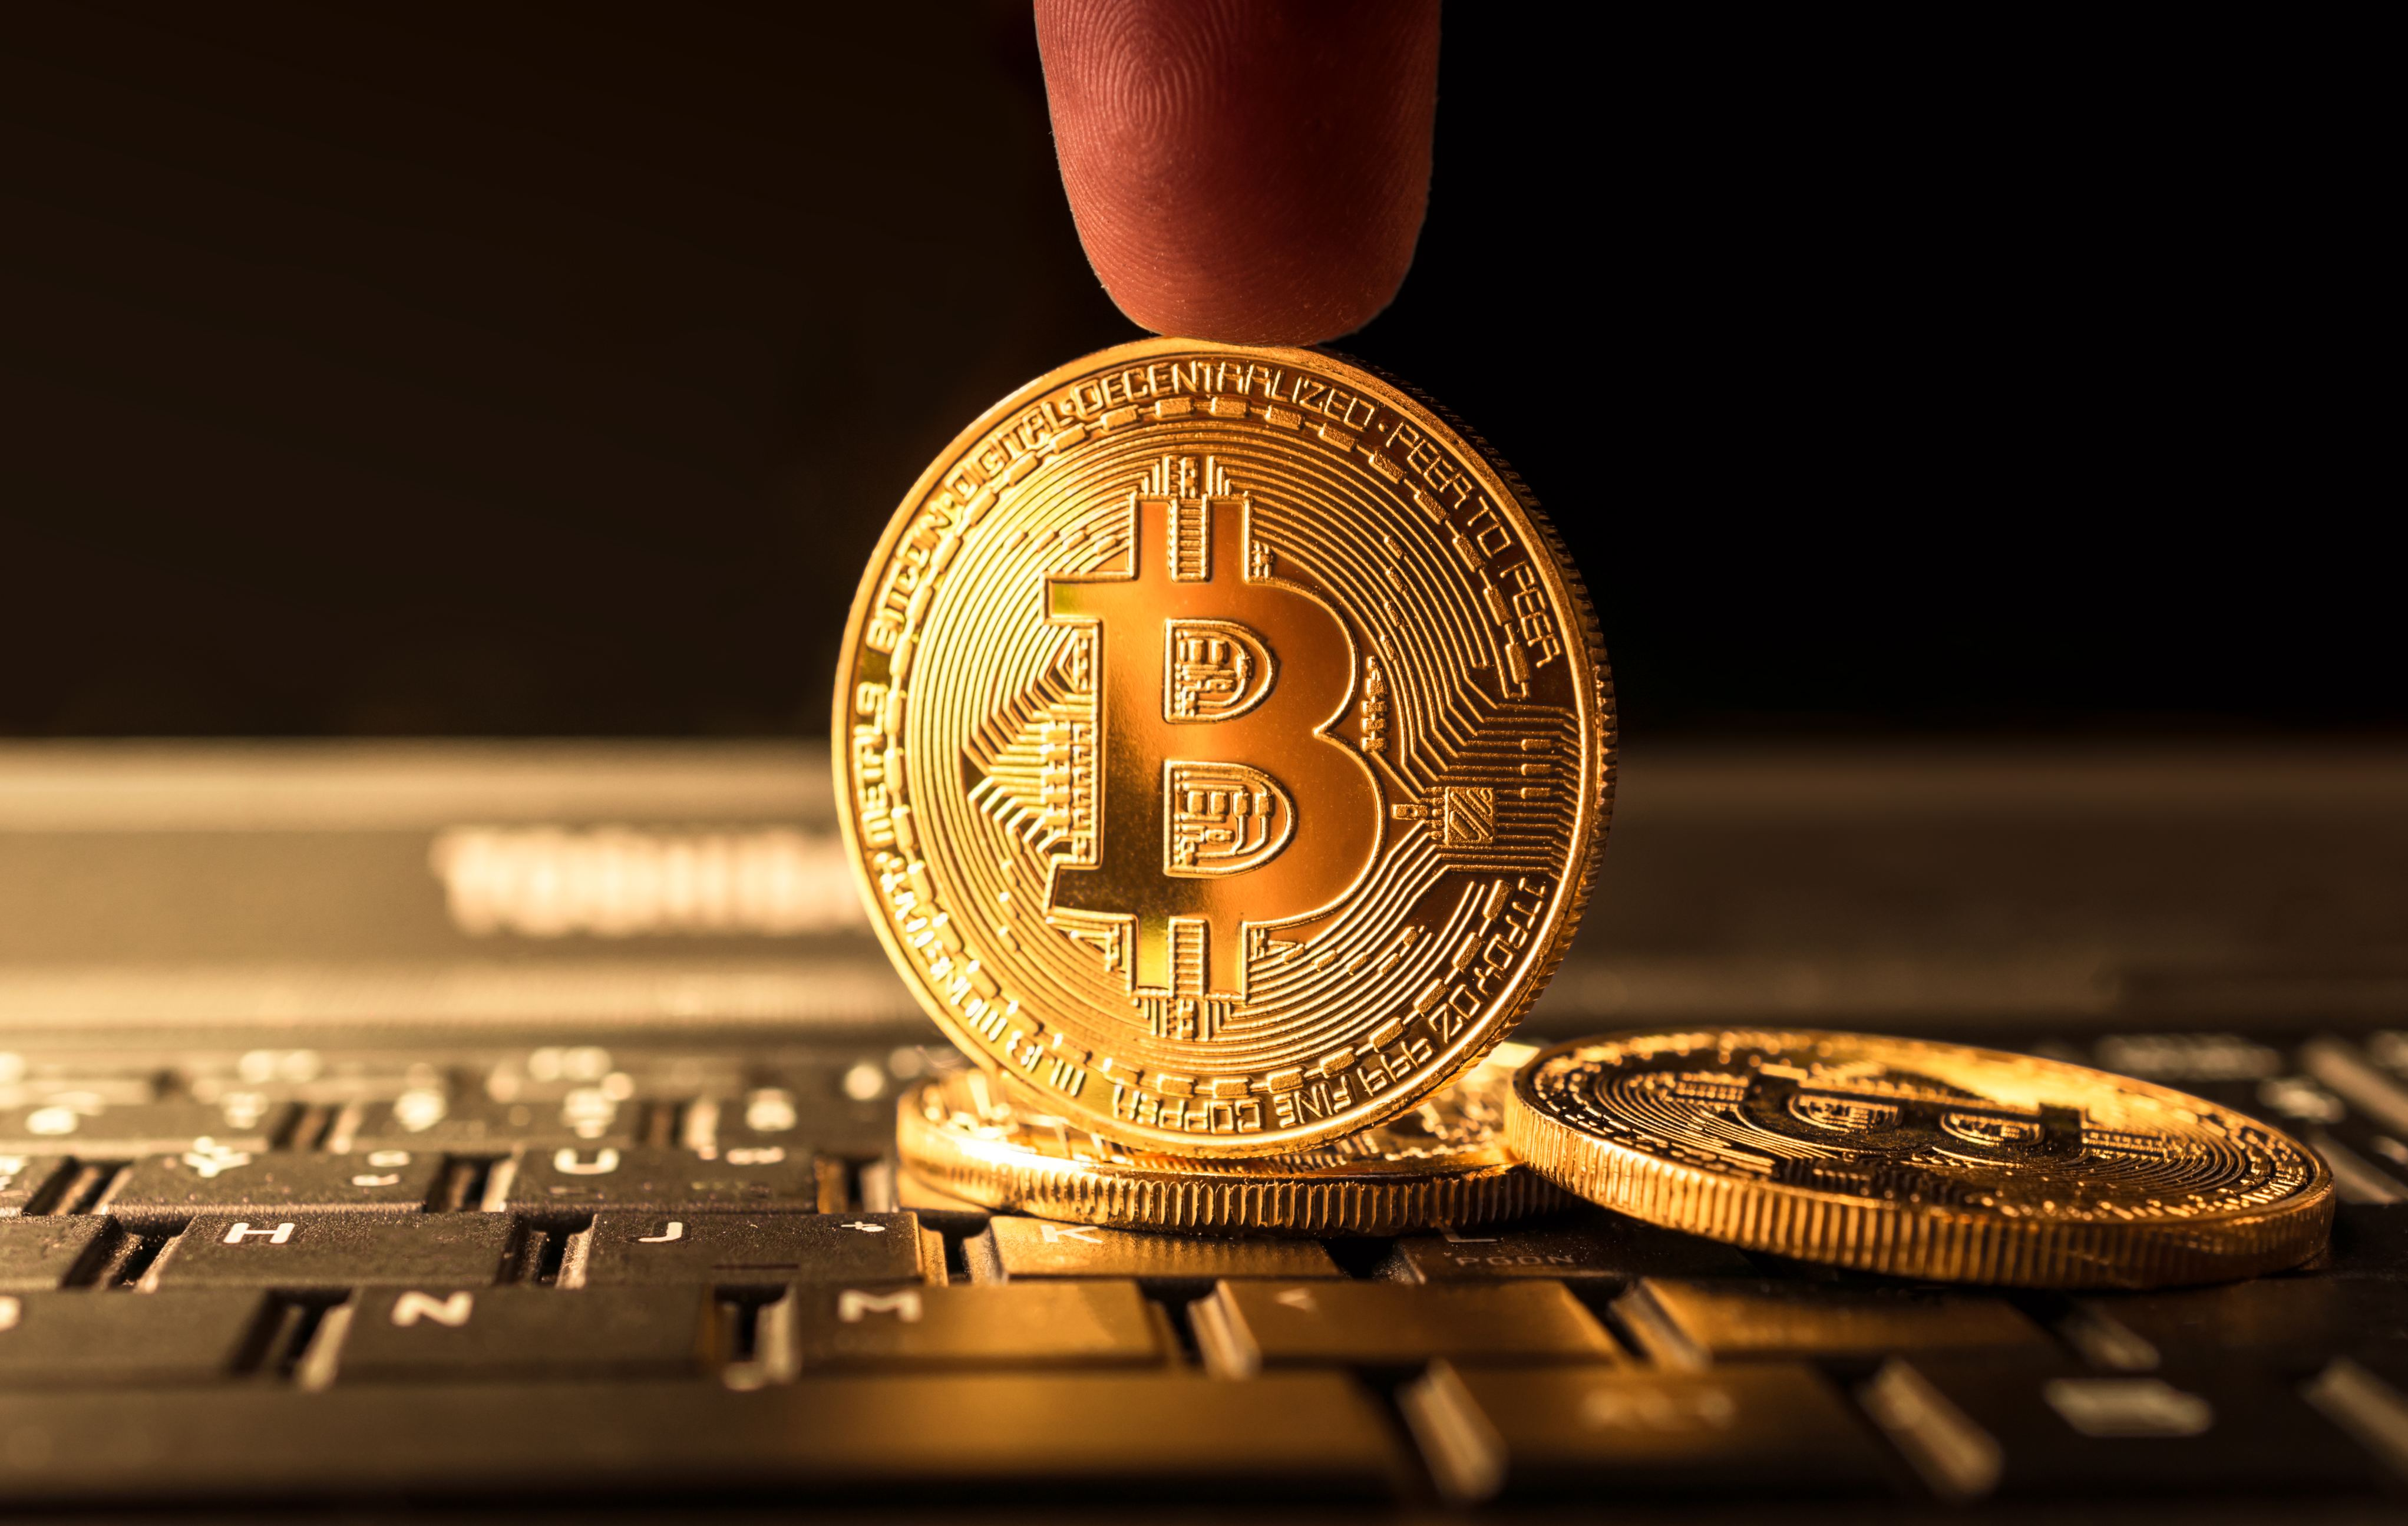 vấn đề cơ bản của Bitcoin